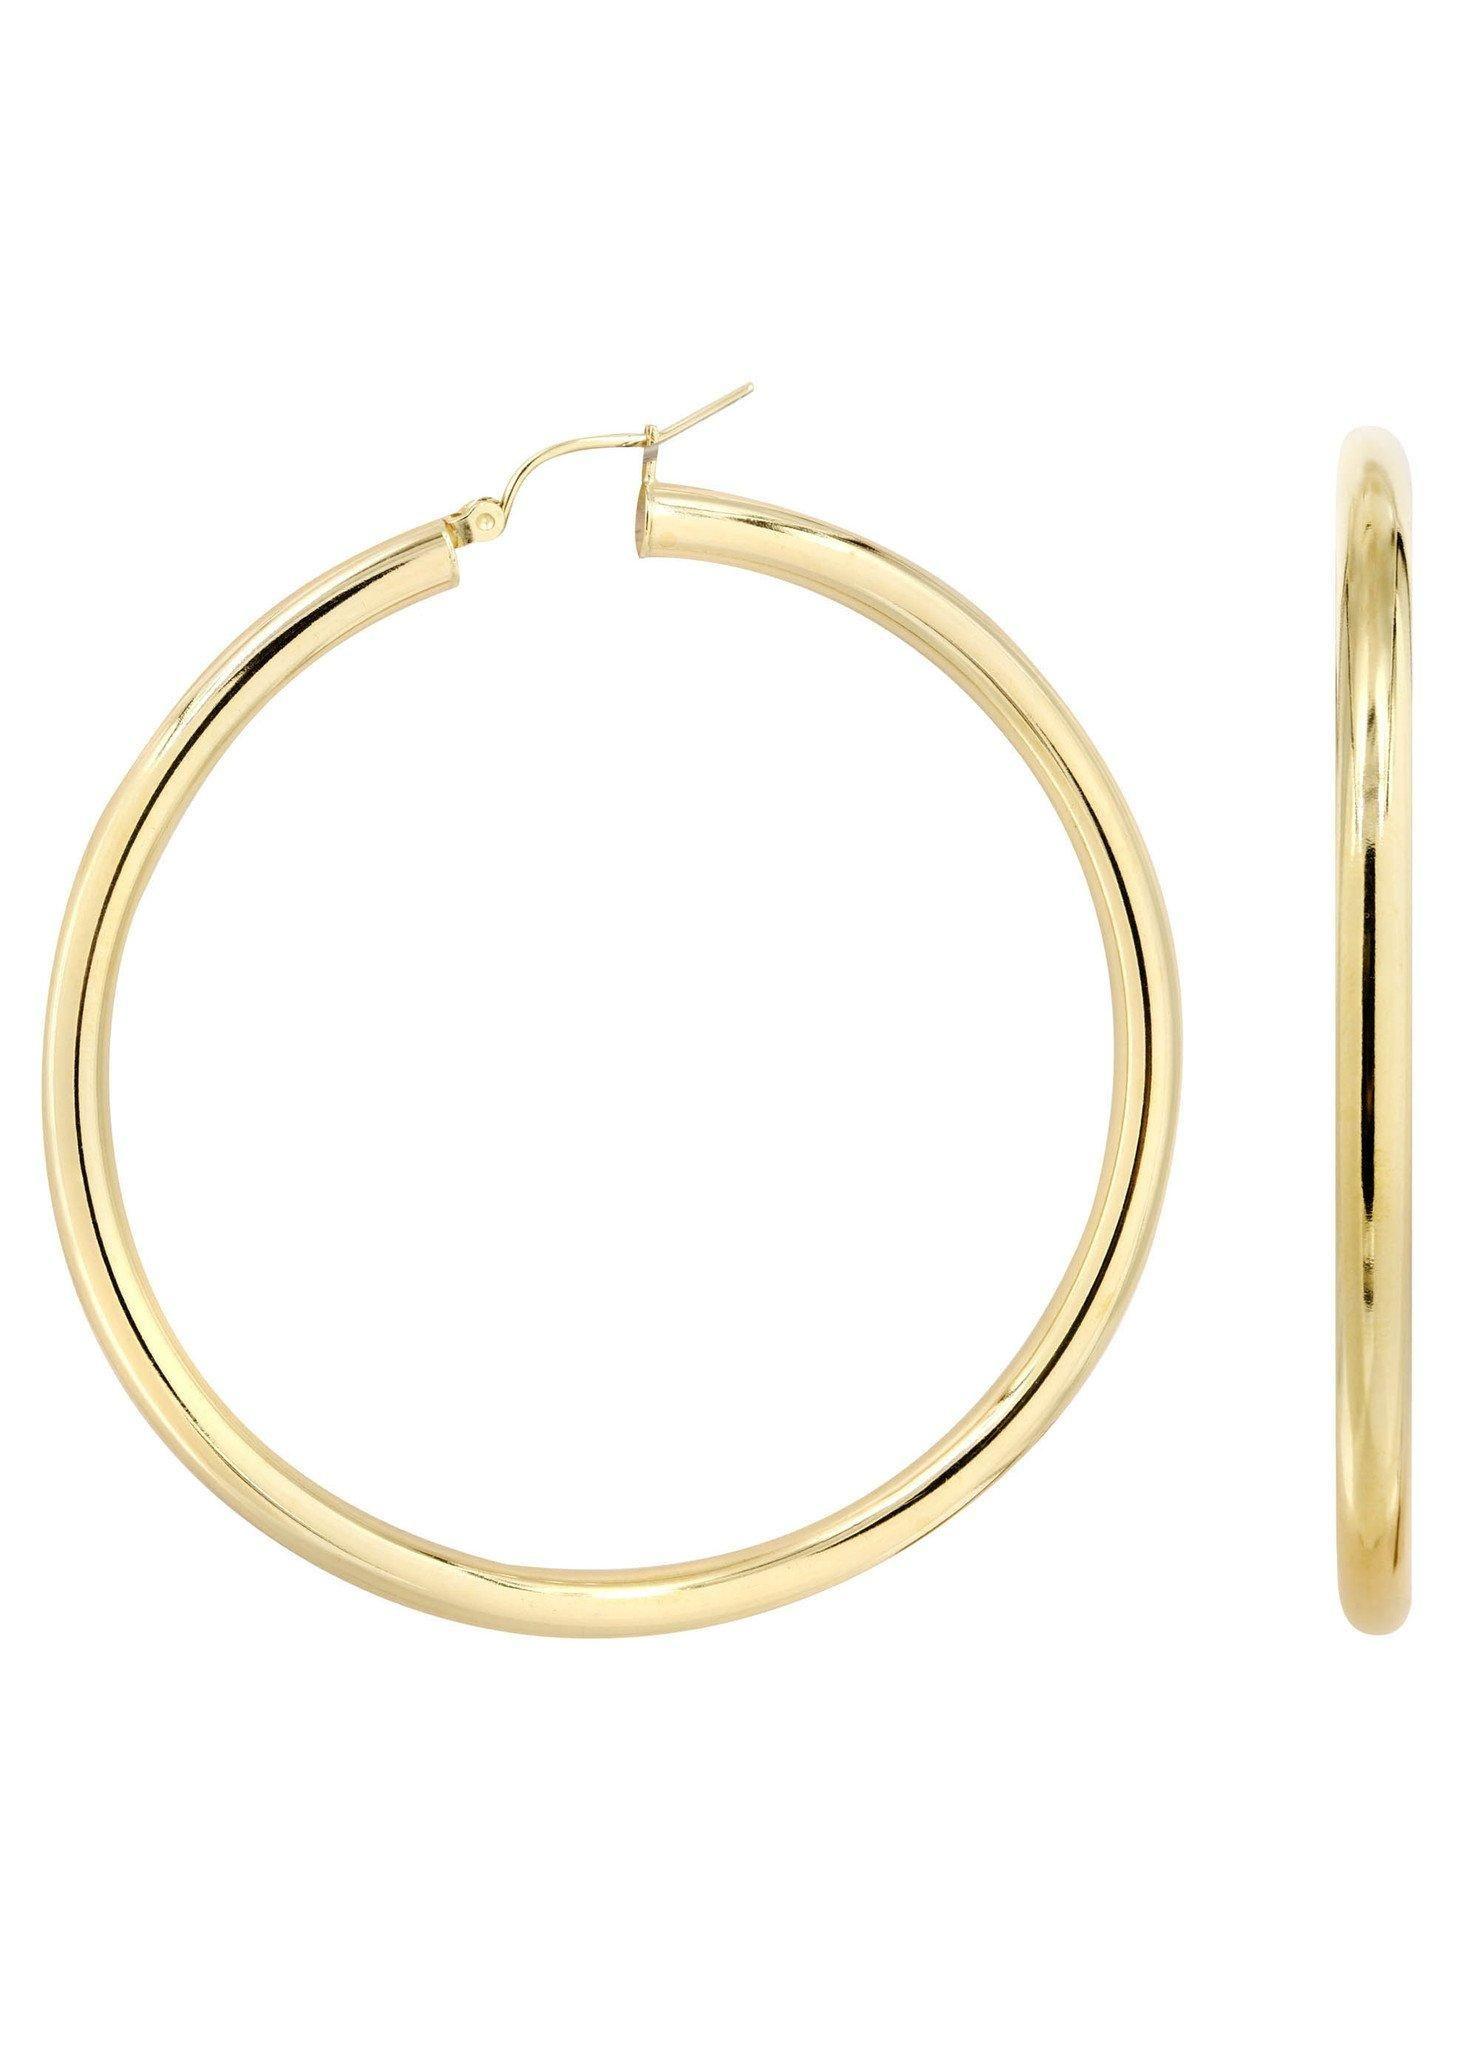 Frostnyc Frost Nyc 10k Gold Plain Hoop Earrings Customizable Size